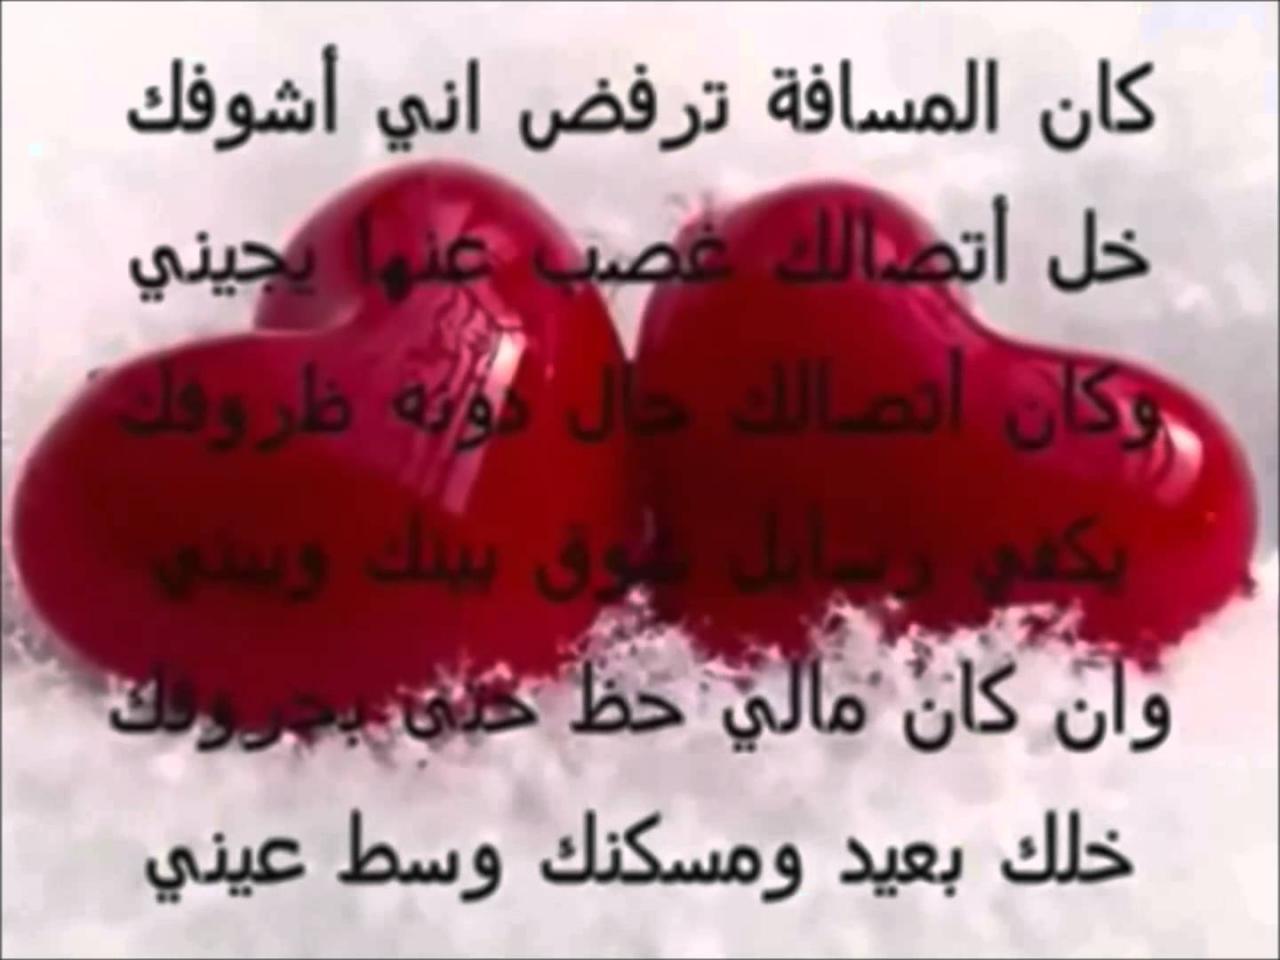 صورة رسائل الحب والغرام , صور لارق الرسائل الغراميه للاحباب 1965 5